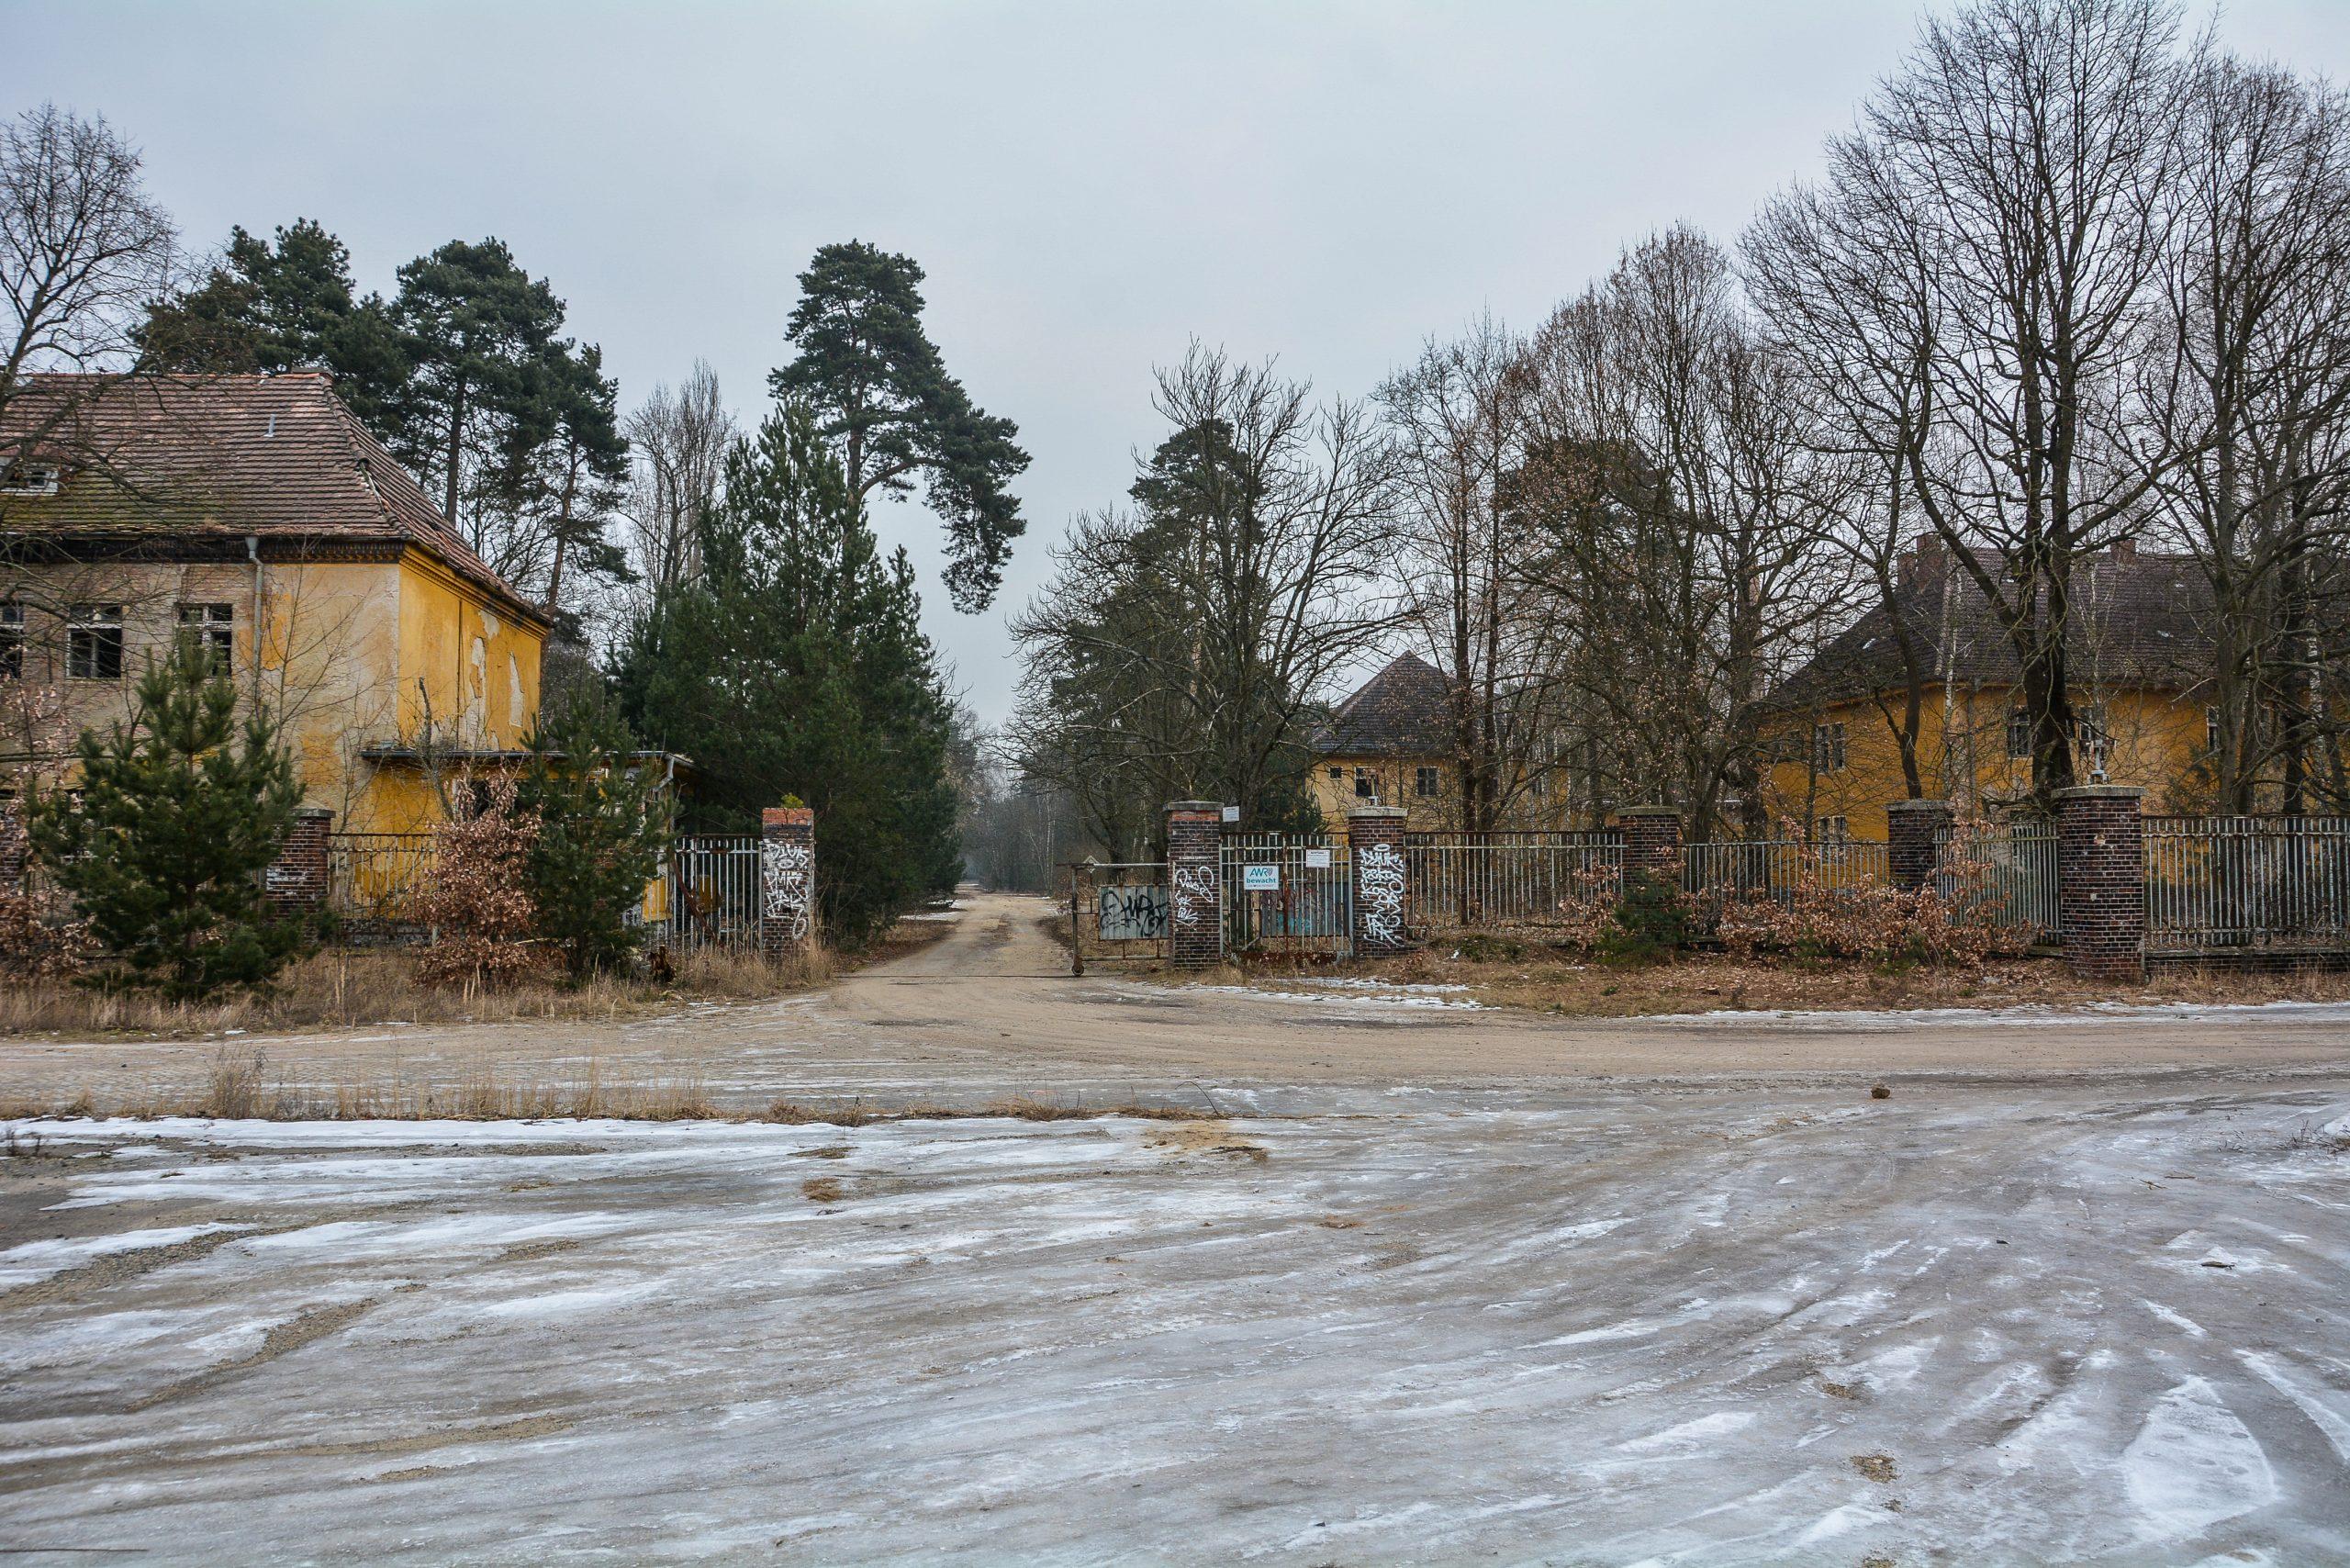 eingang entrance gate forst zinna adolf hitler lager luckenwalde juterbog sowjet kaserne soviet military barracks germany lost places urbex abandoned